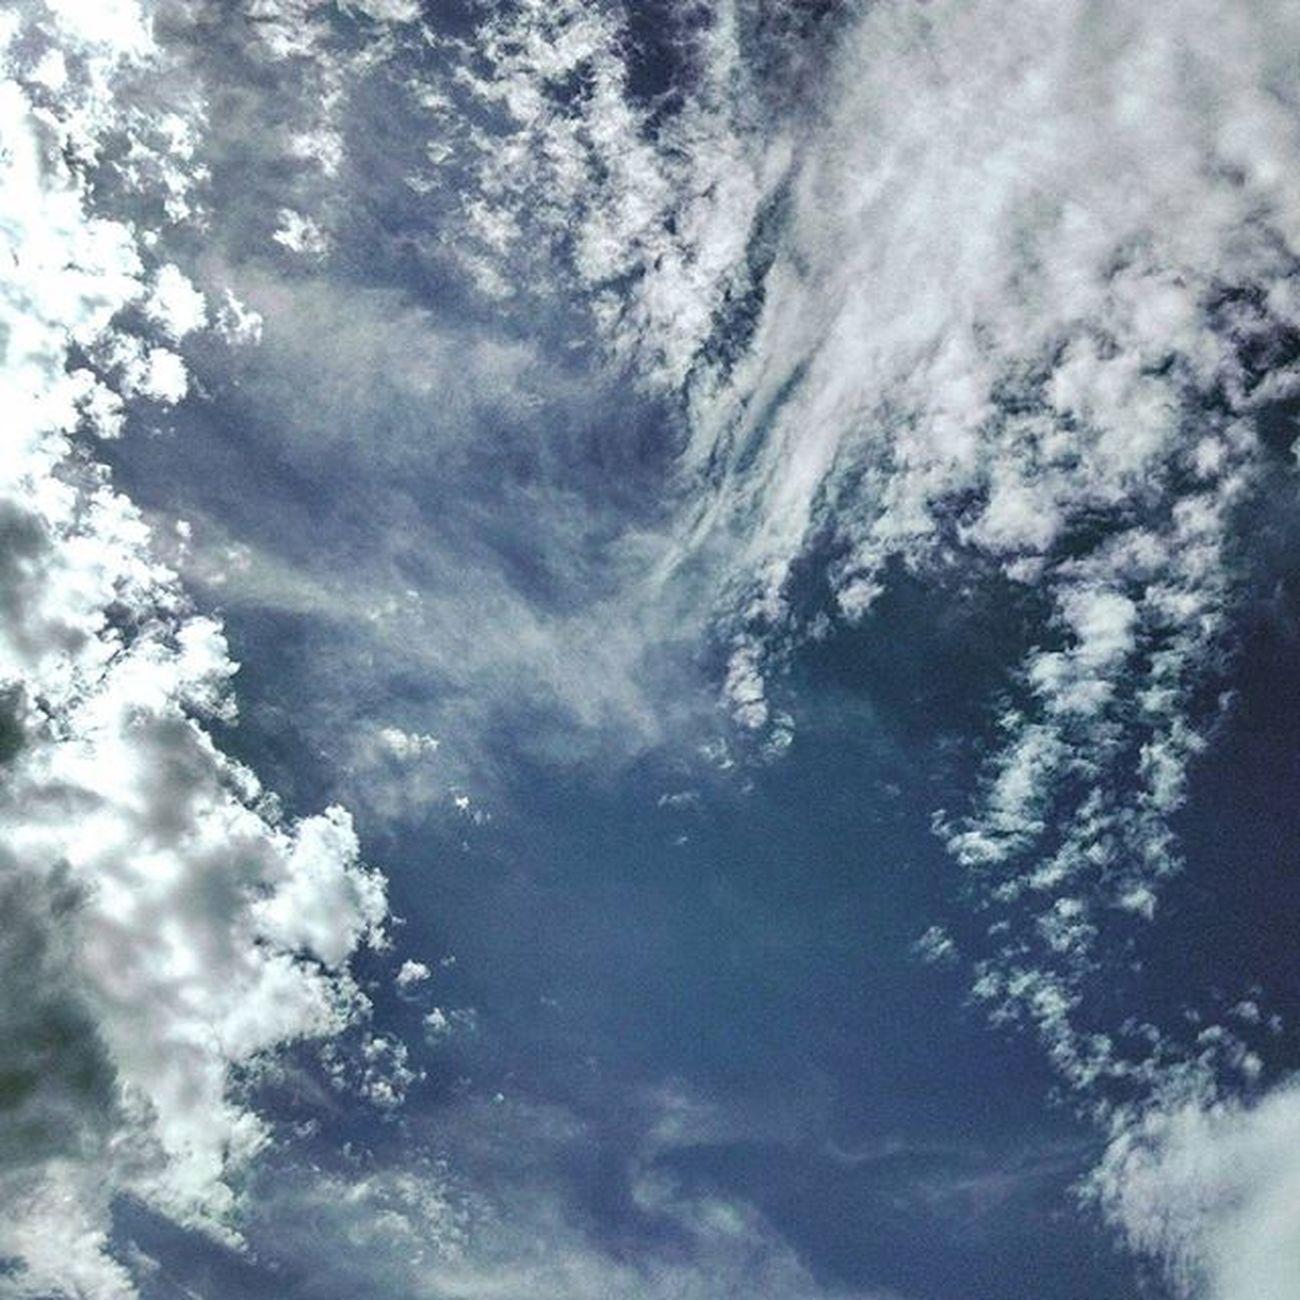 . Cielo Azzurro Sky Bluesky Blu Skylovers SkyClouds Clouds Cloudscape Cloudslovers Nuvole Nature Naturelovers Igersmarche Igersitalia Marche Italy Italia Landscape Liveloveitalia